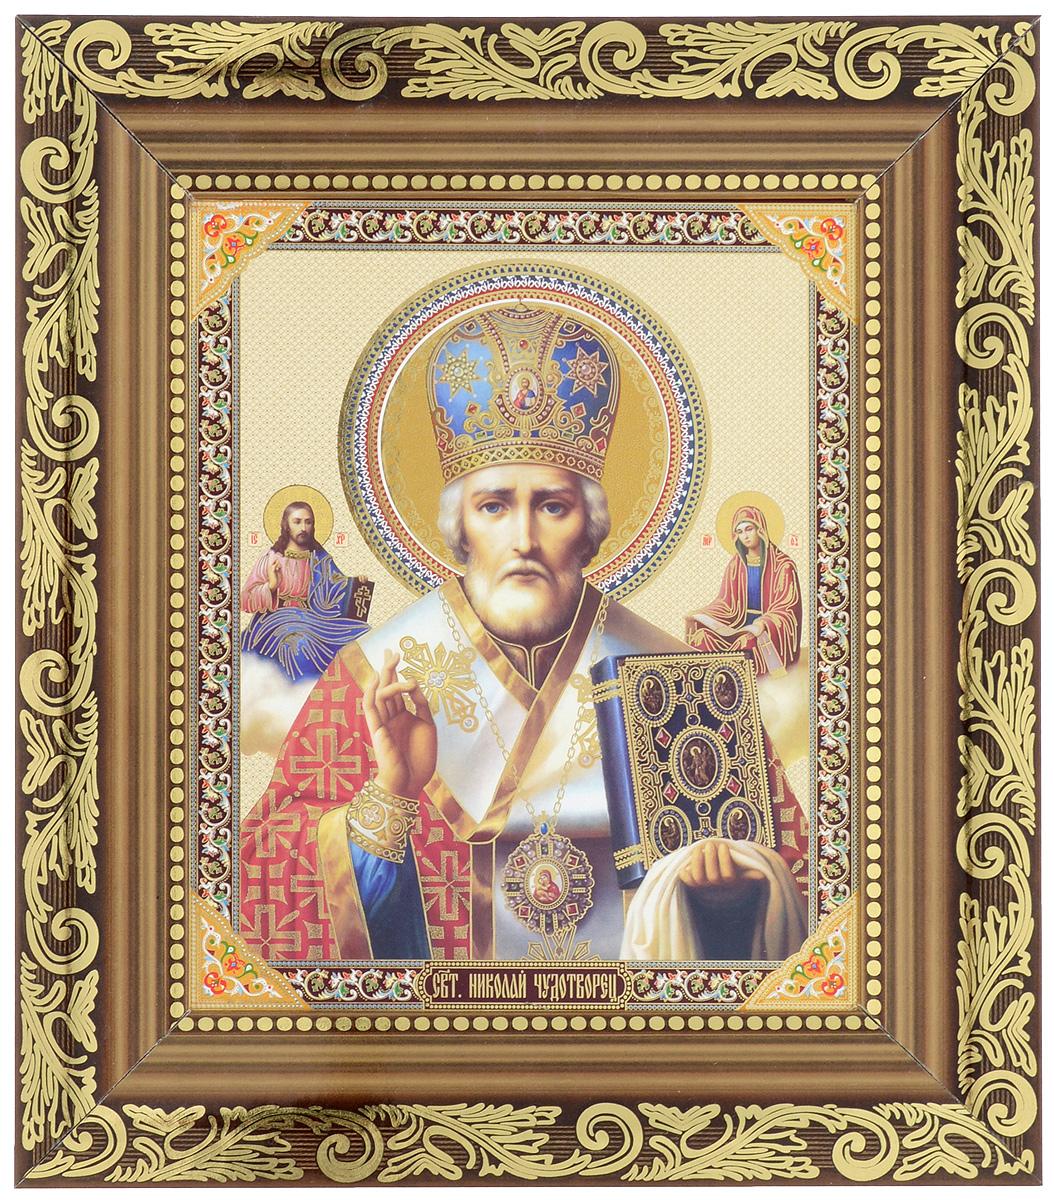 Икона Proffi Святой Николай Чудотворец, 14 х 17 см икона галерея благолепия икона святой николай чудотворец 3 юзл 09